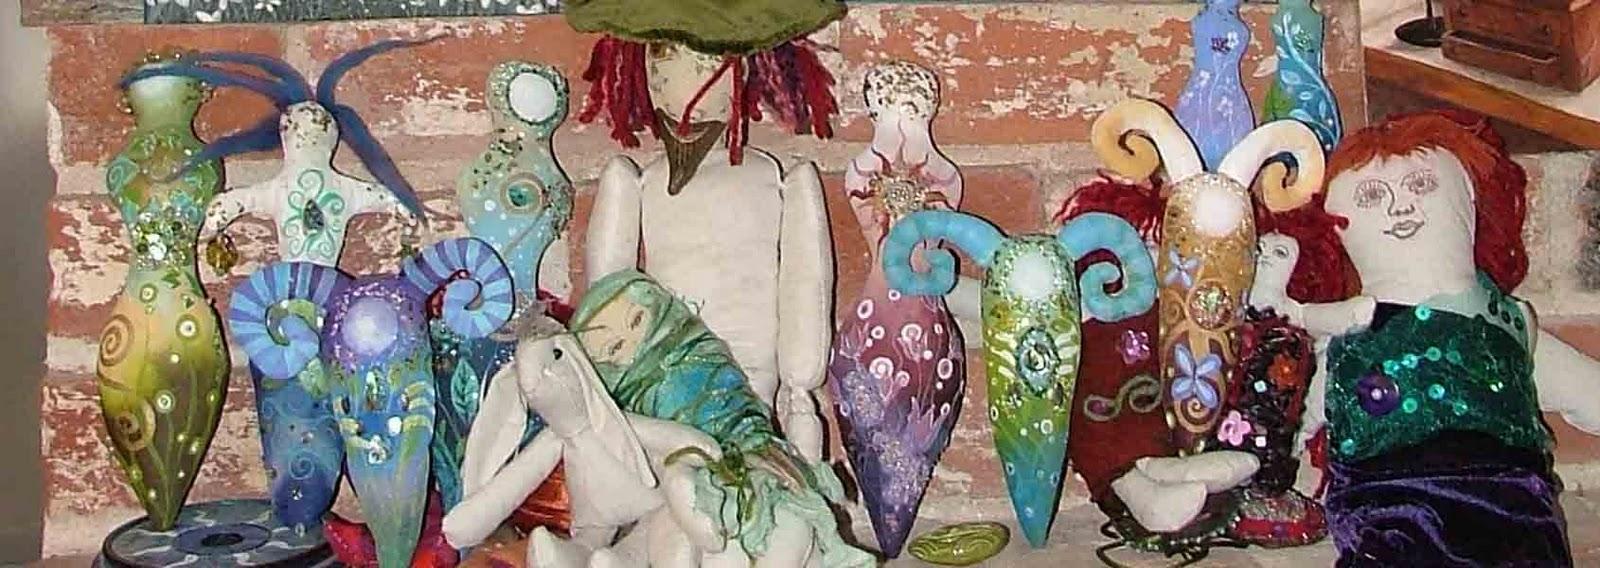 amanda clark paintings